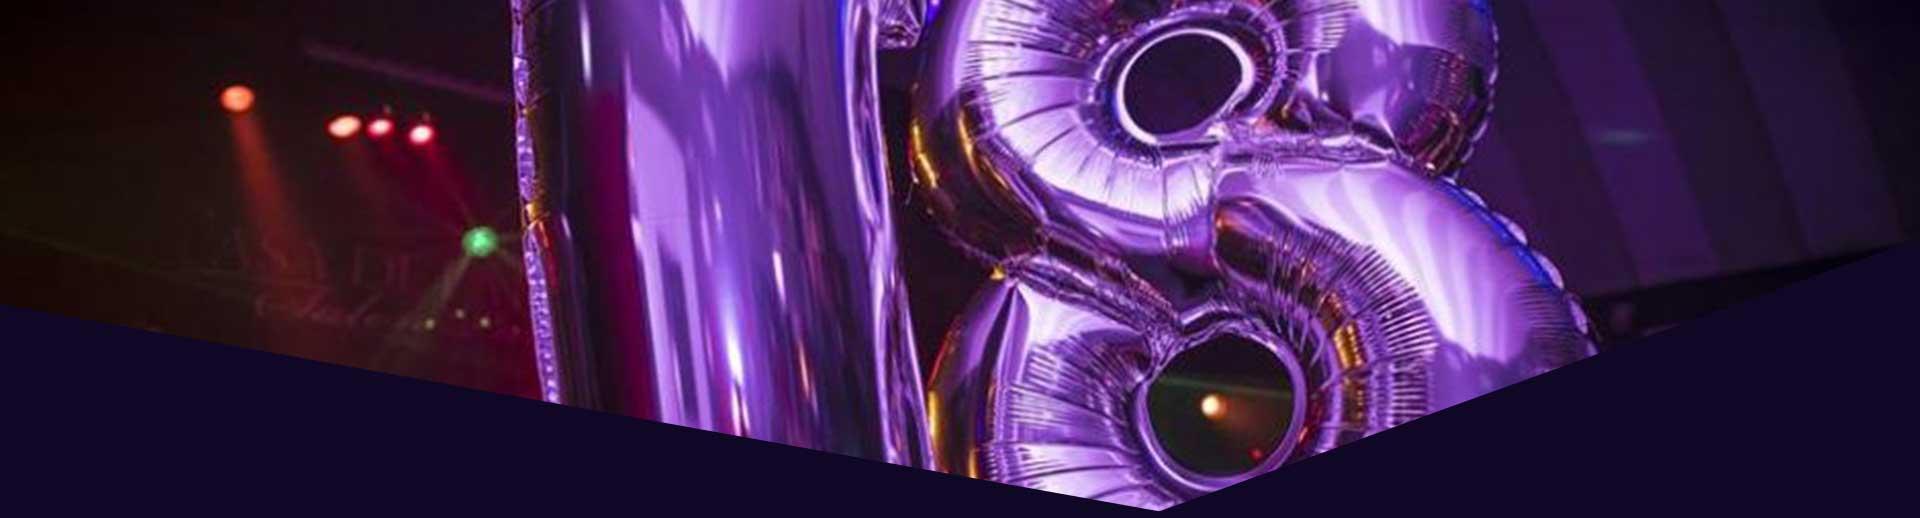 Black Hole Milano | Discoteche e night club a Milano per feste e musica dal vivo | Discoteca Milano Festa 18 anni discoteca